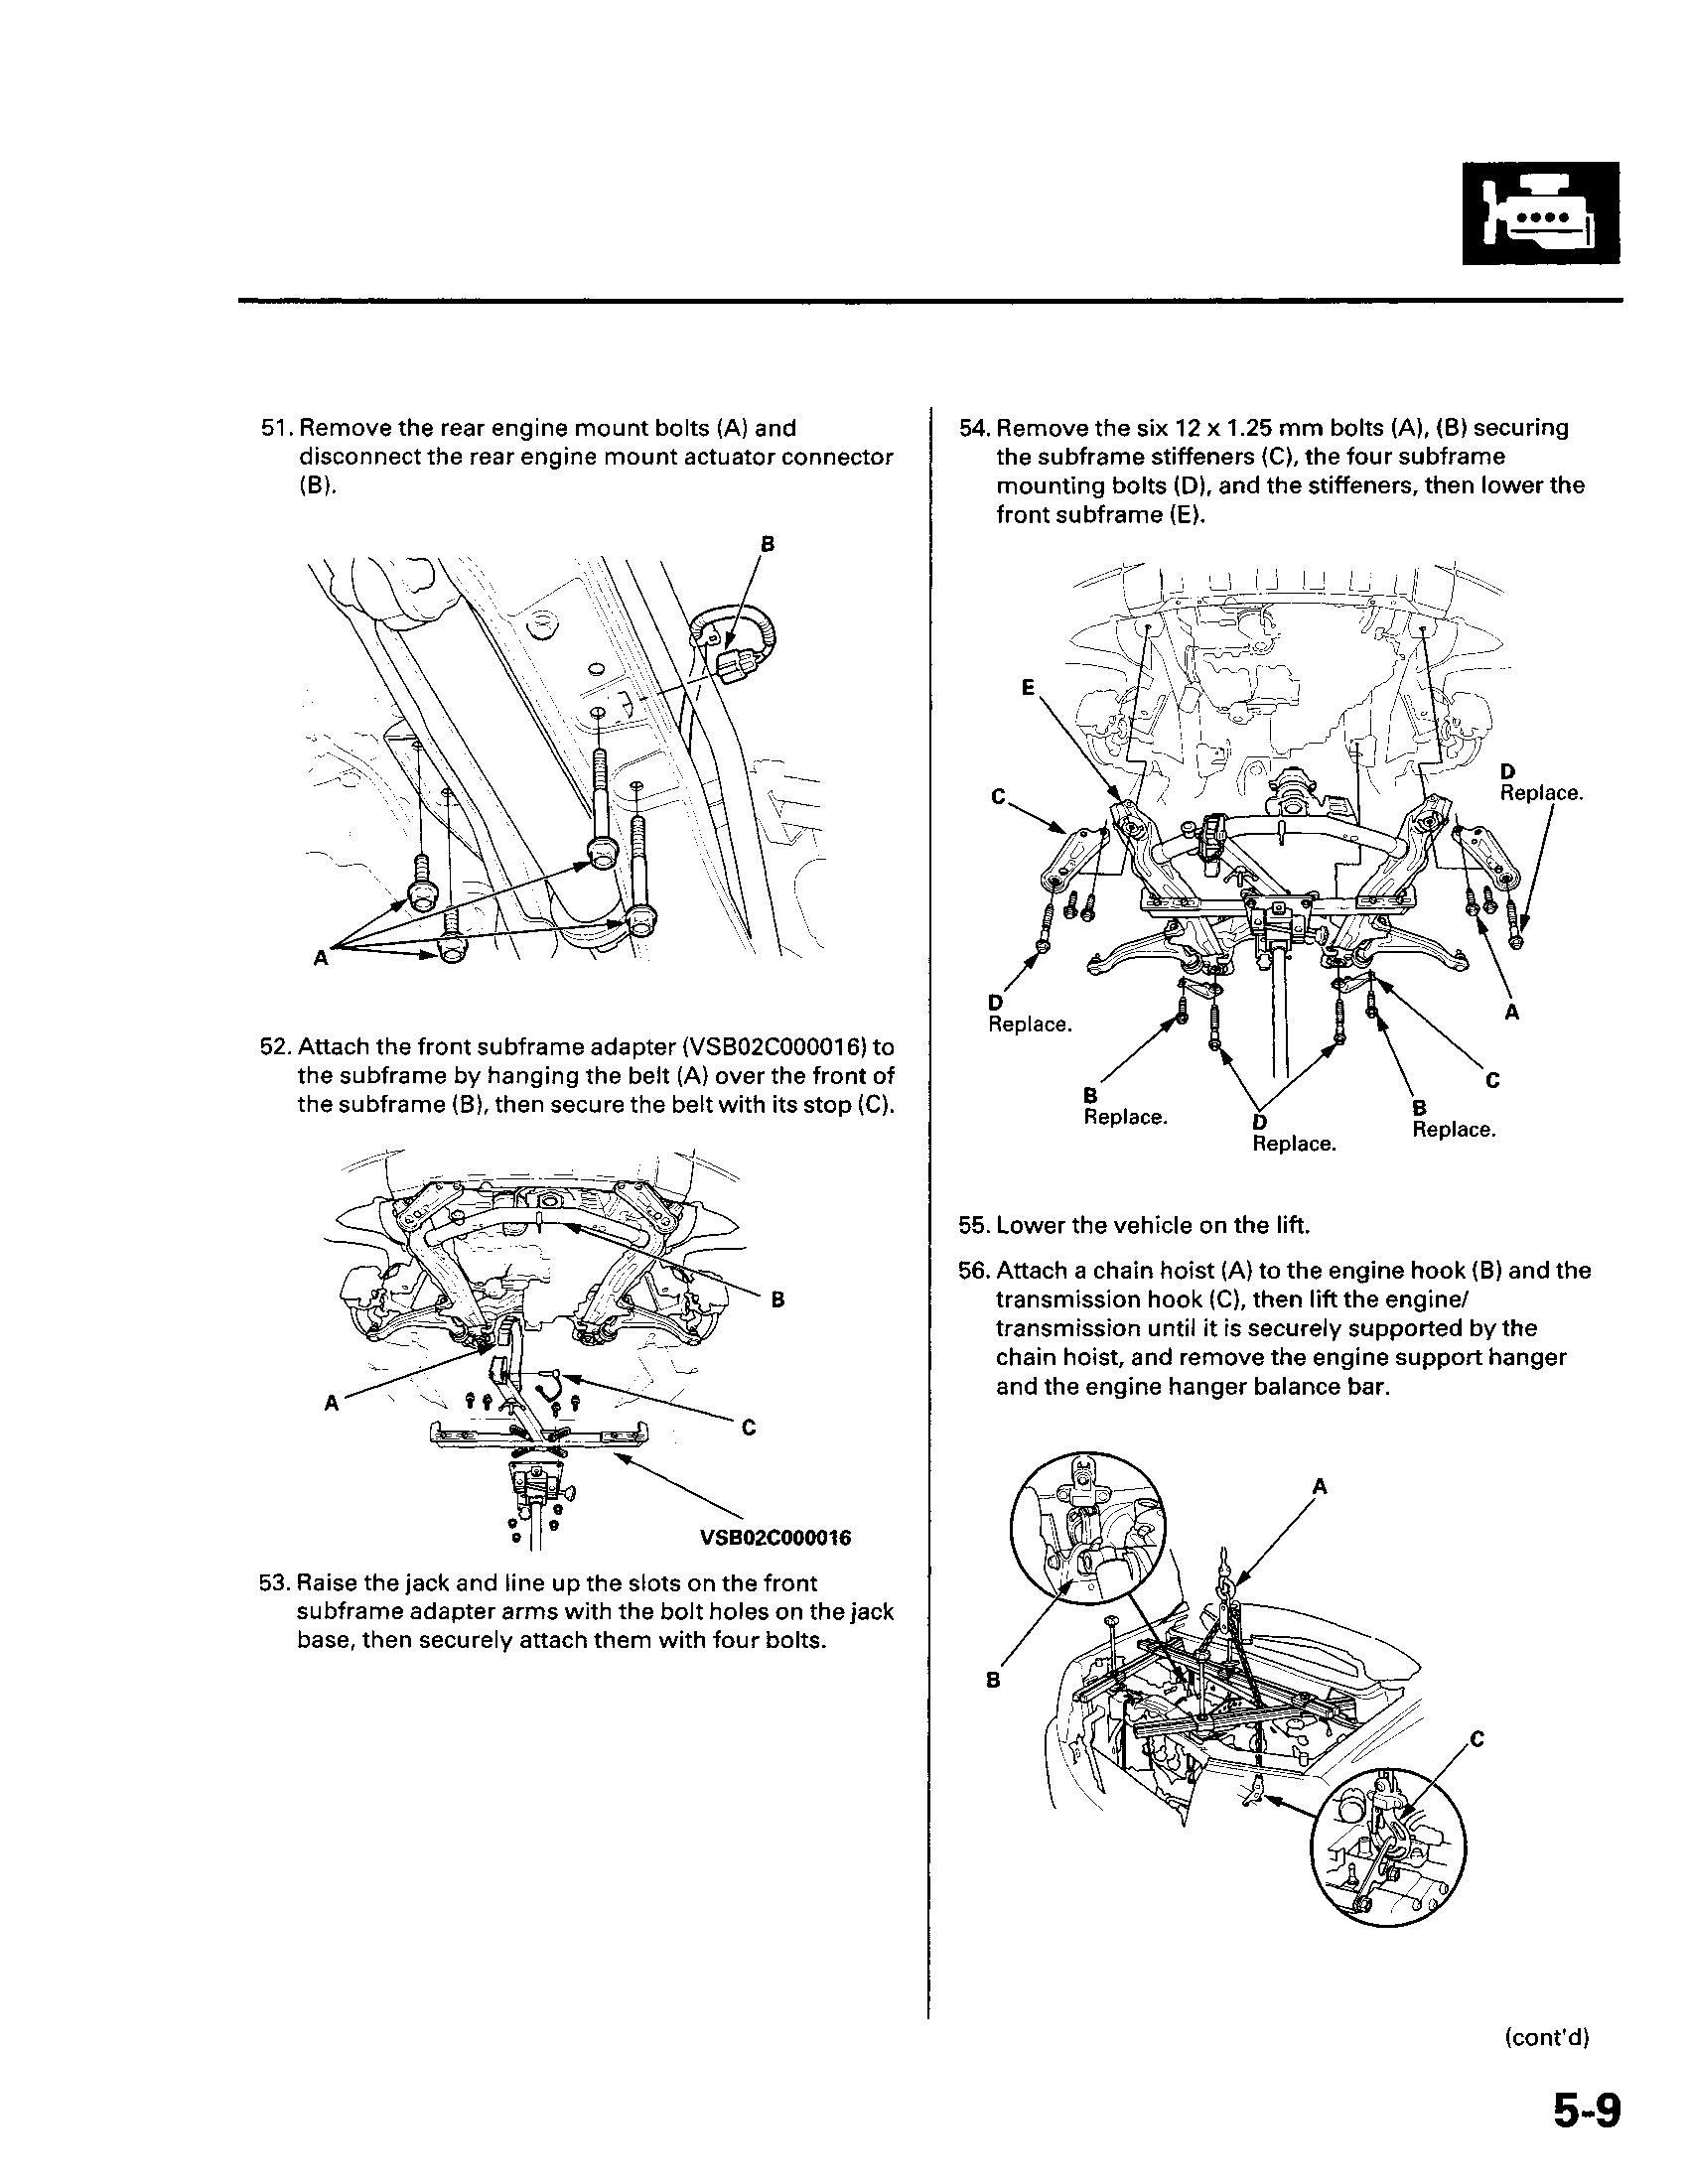 2009-2010 Honda Pilot OEM Workshop Service and Repair